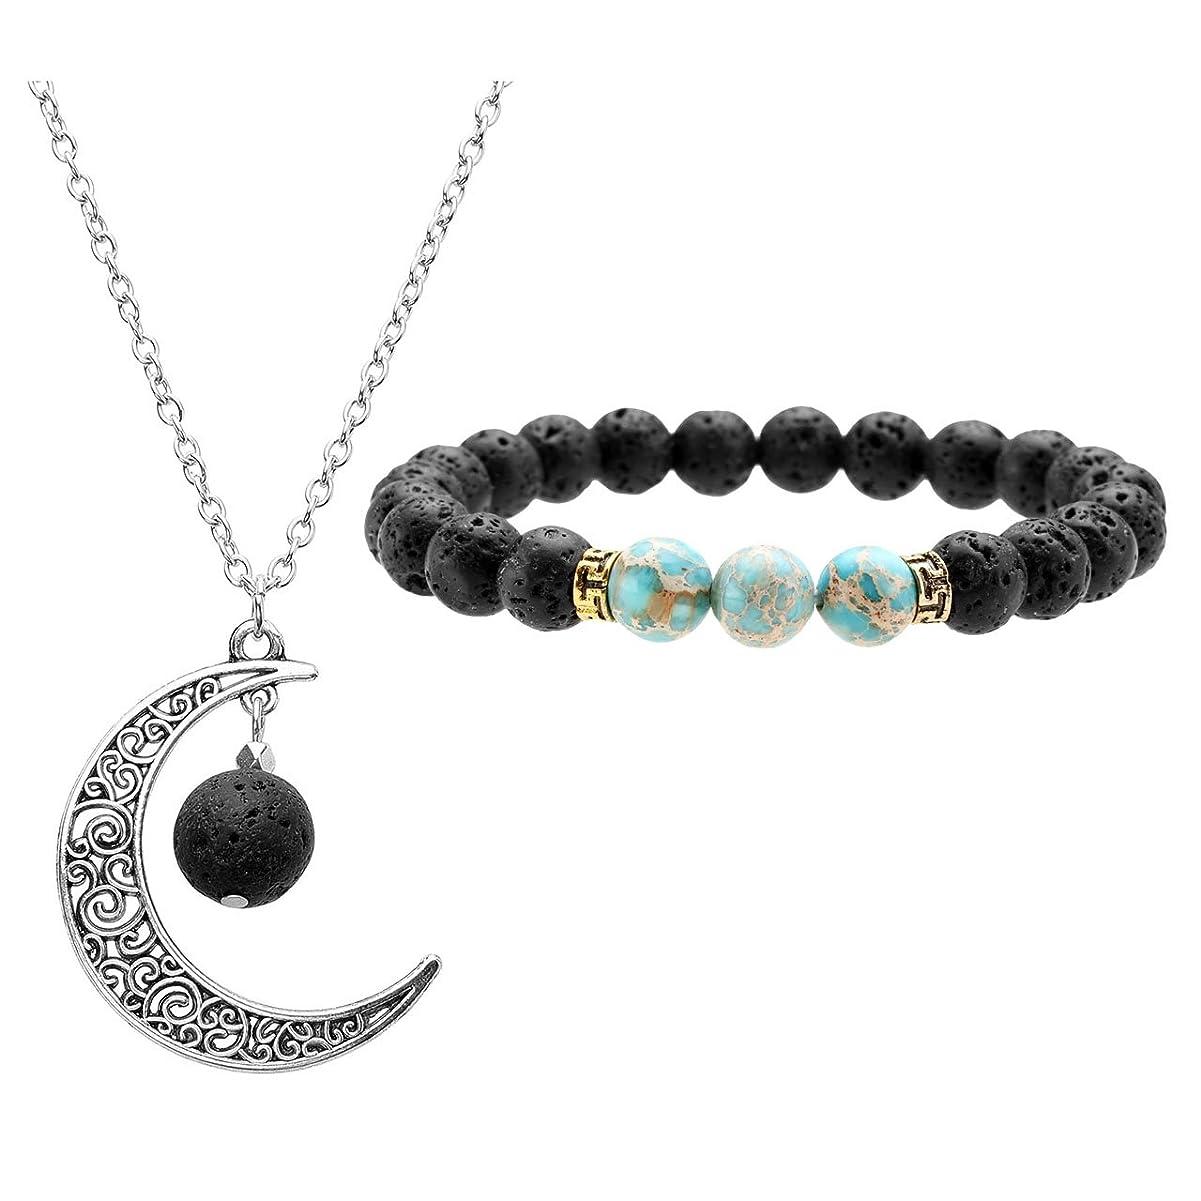 防水年齢カールJOVIVI Lava Stone Aromatherapy Essential Oil Diffuser Necklace Bracelet Set- Crescent Moon Jewellery